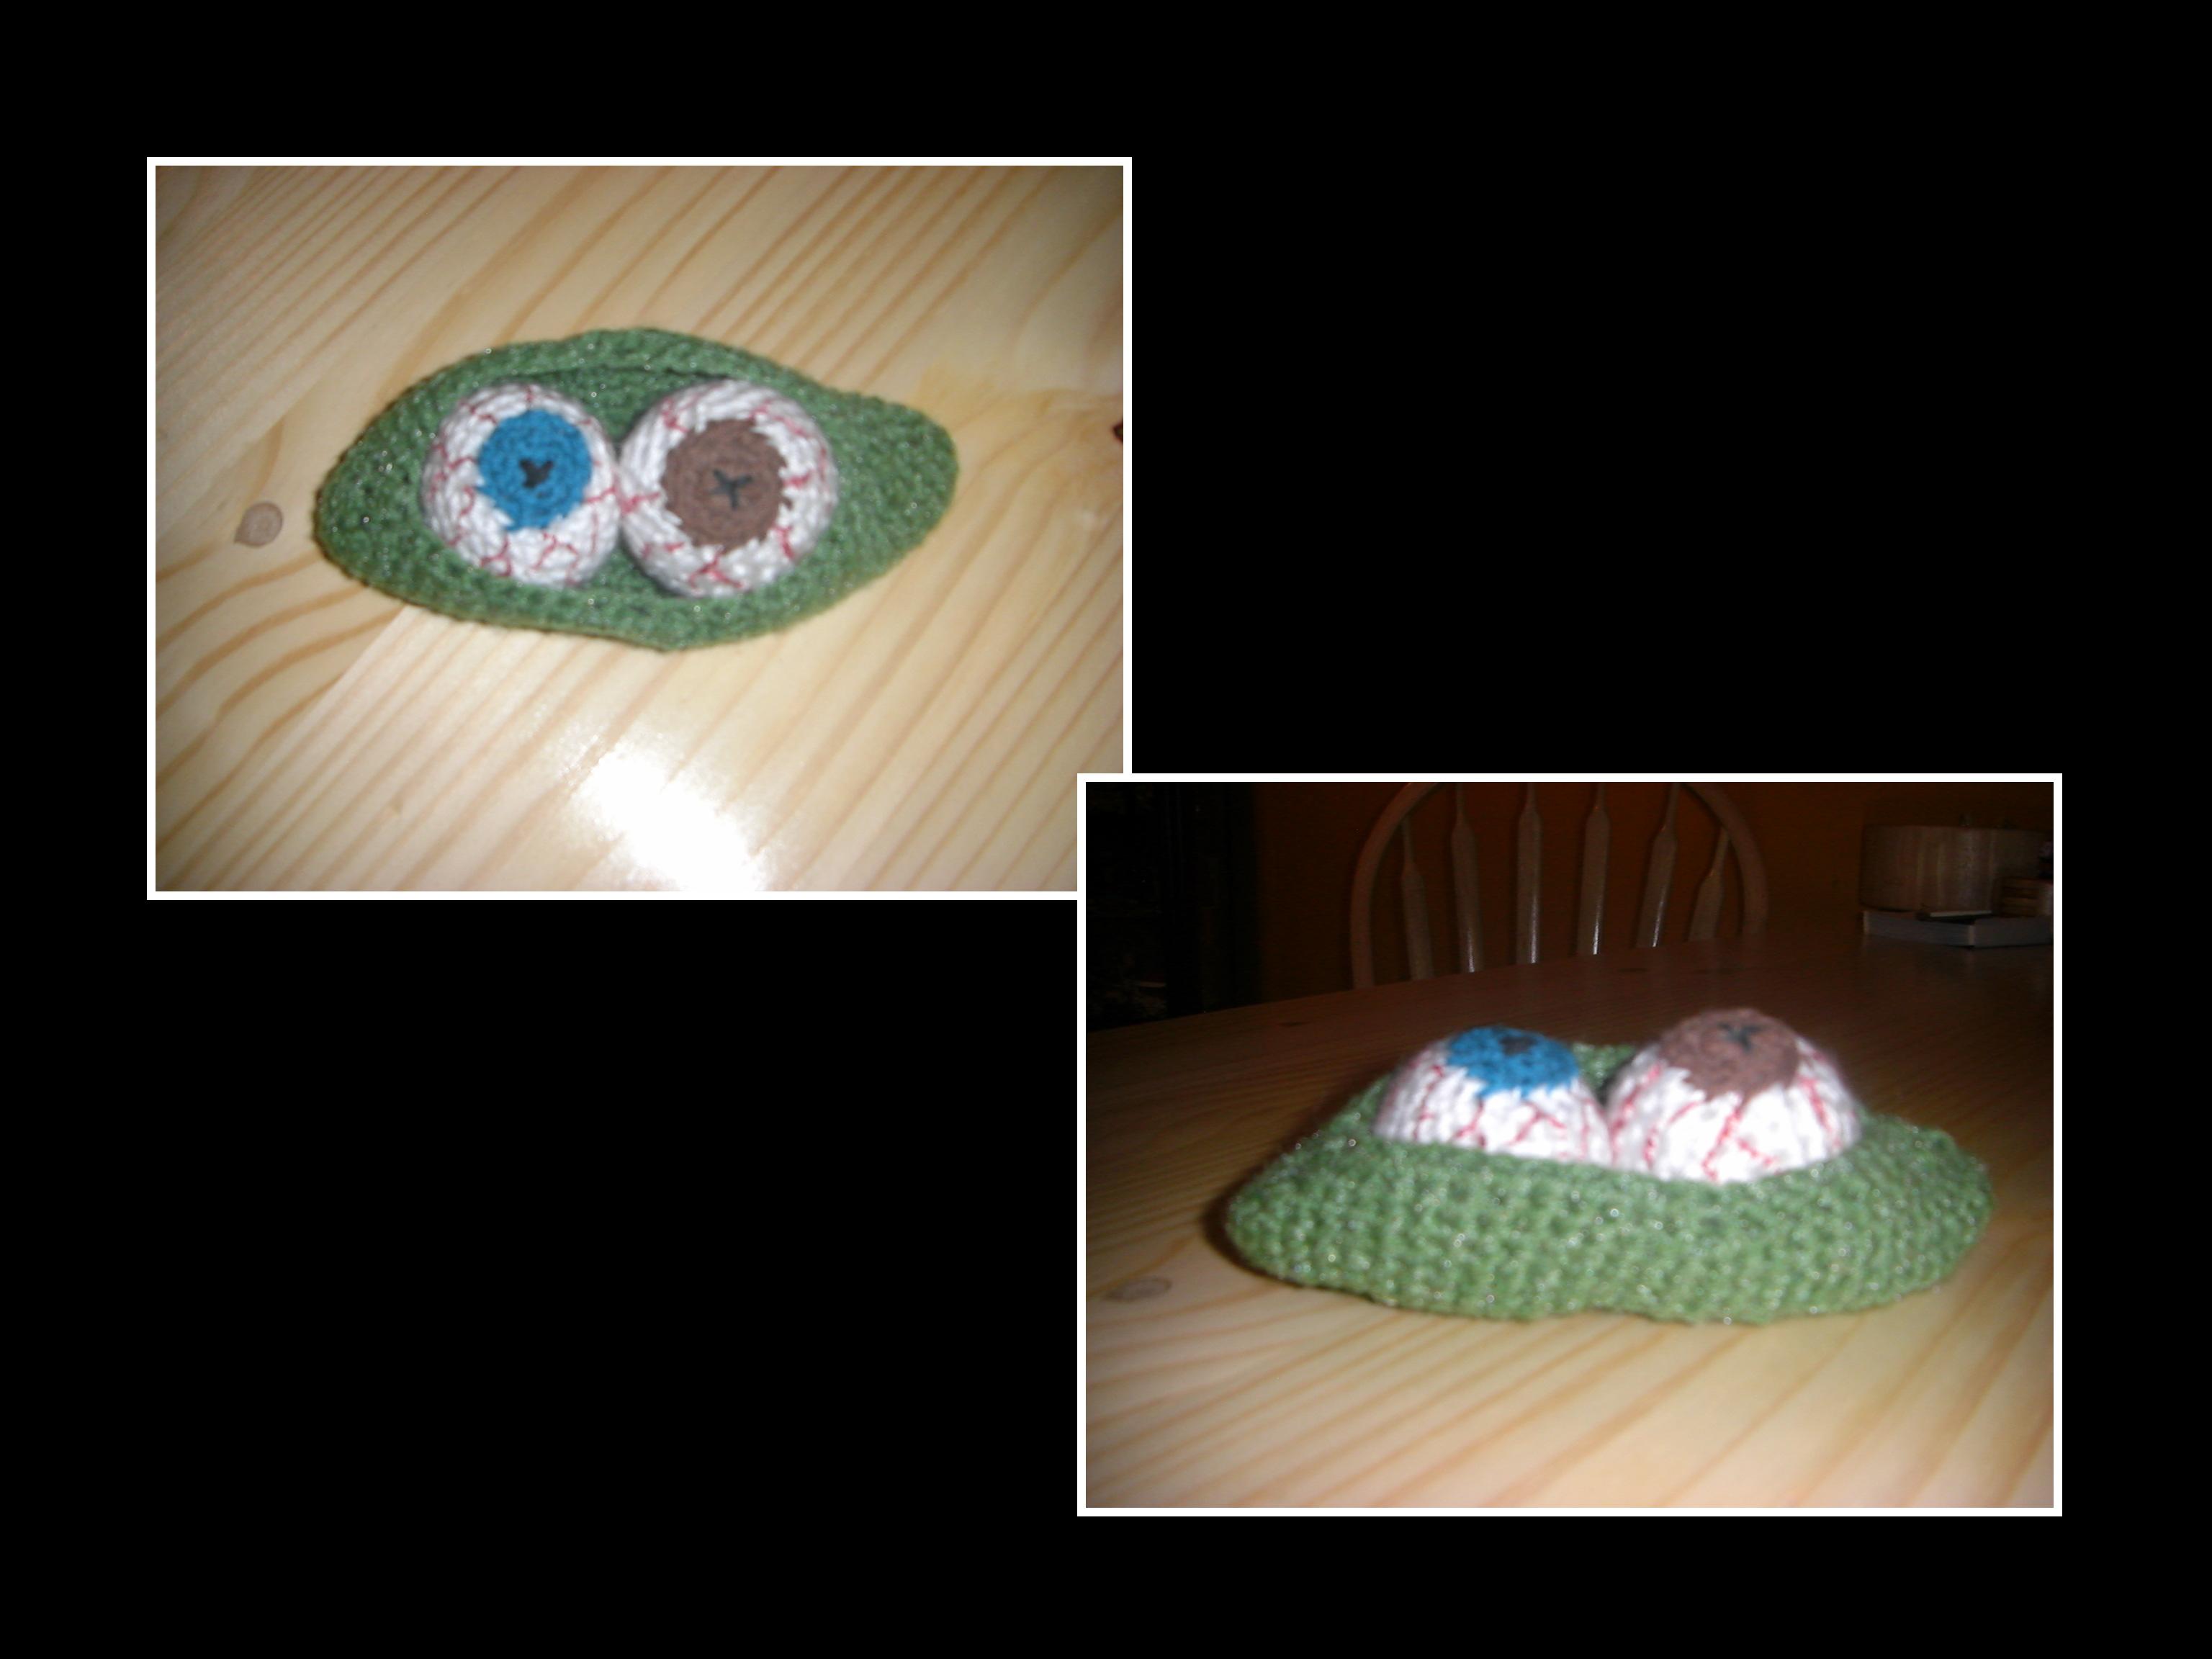 Jo & Joe's EyePod